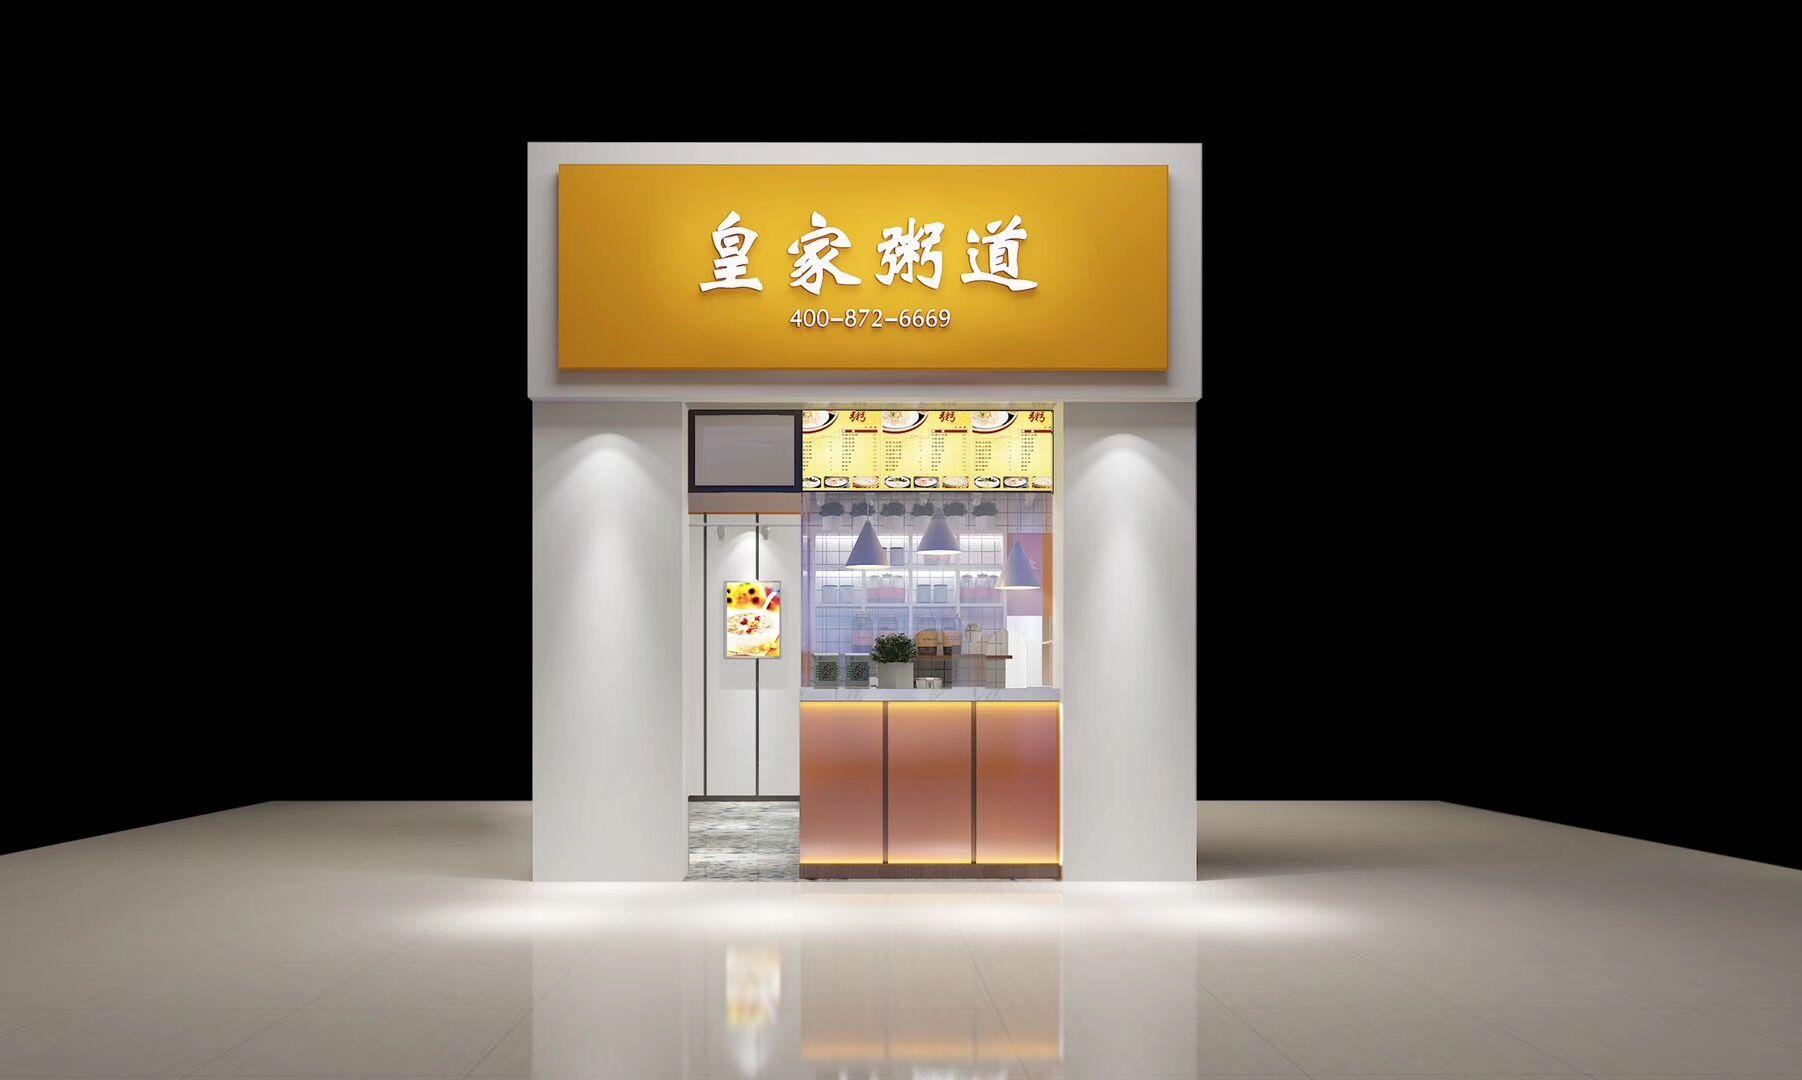 皇家粥道粥店招商